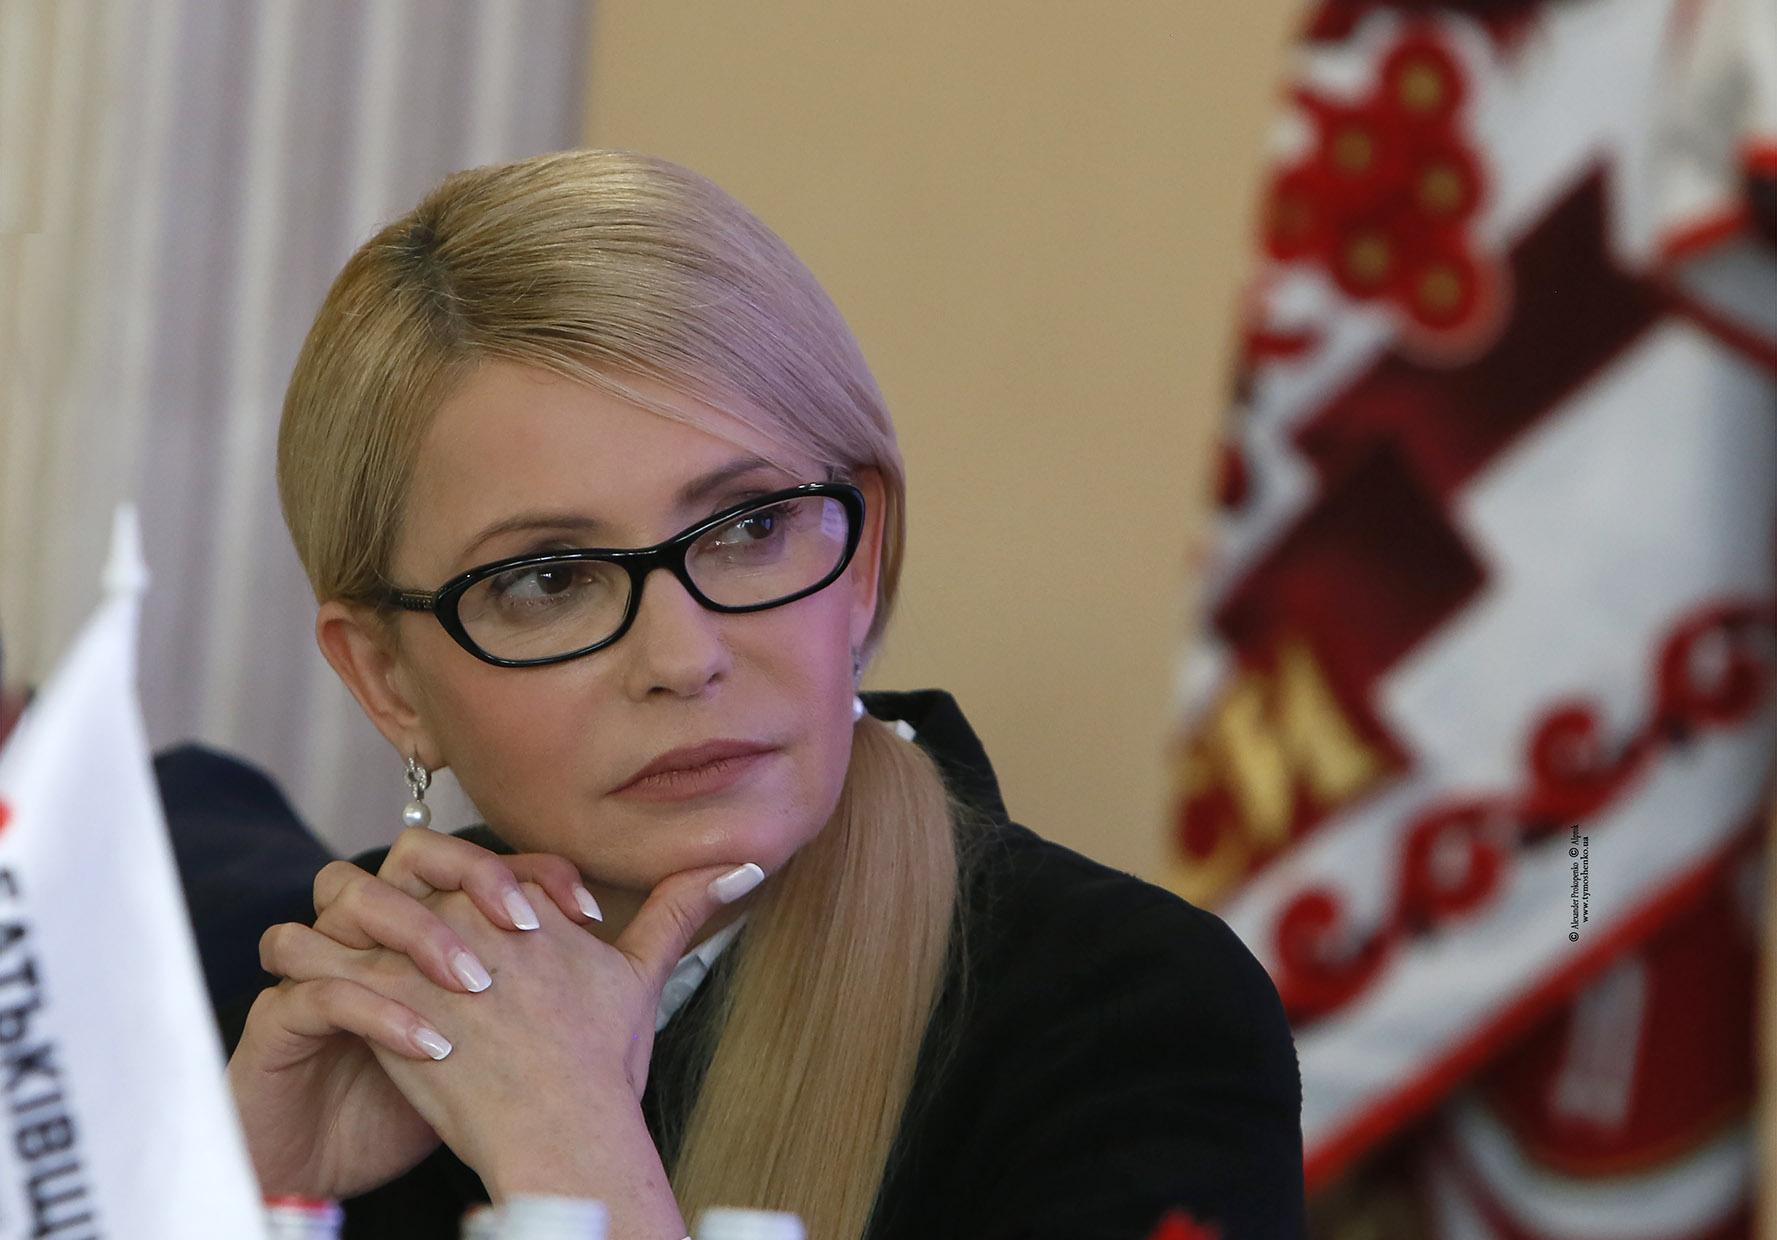 Как называется прическа юлии тимошенко